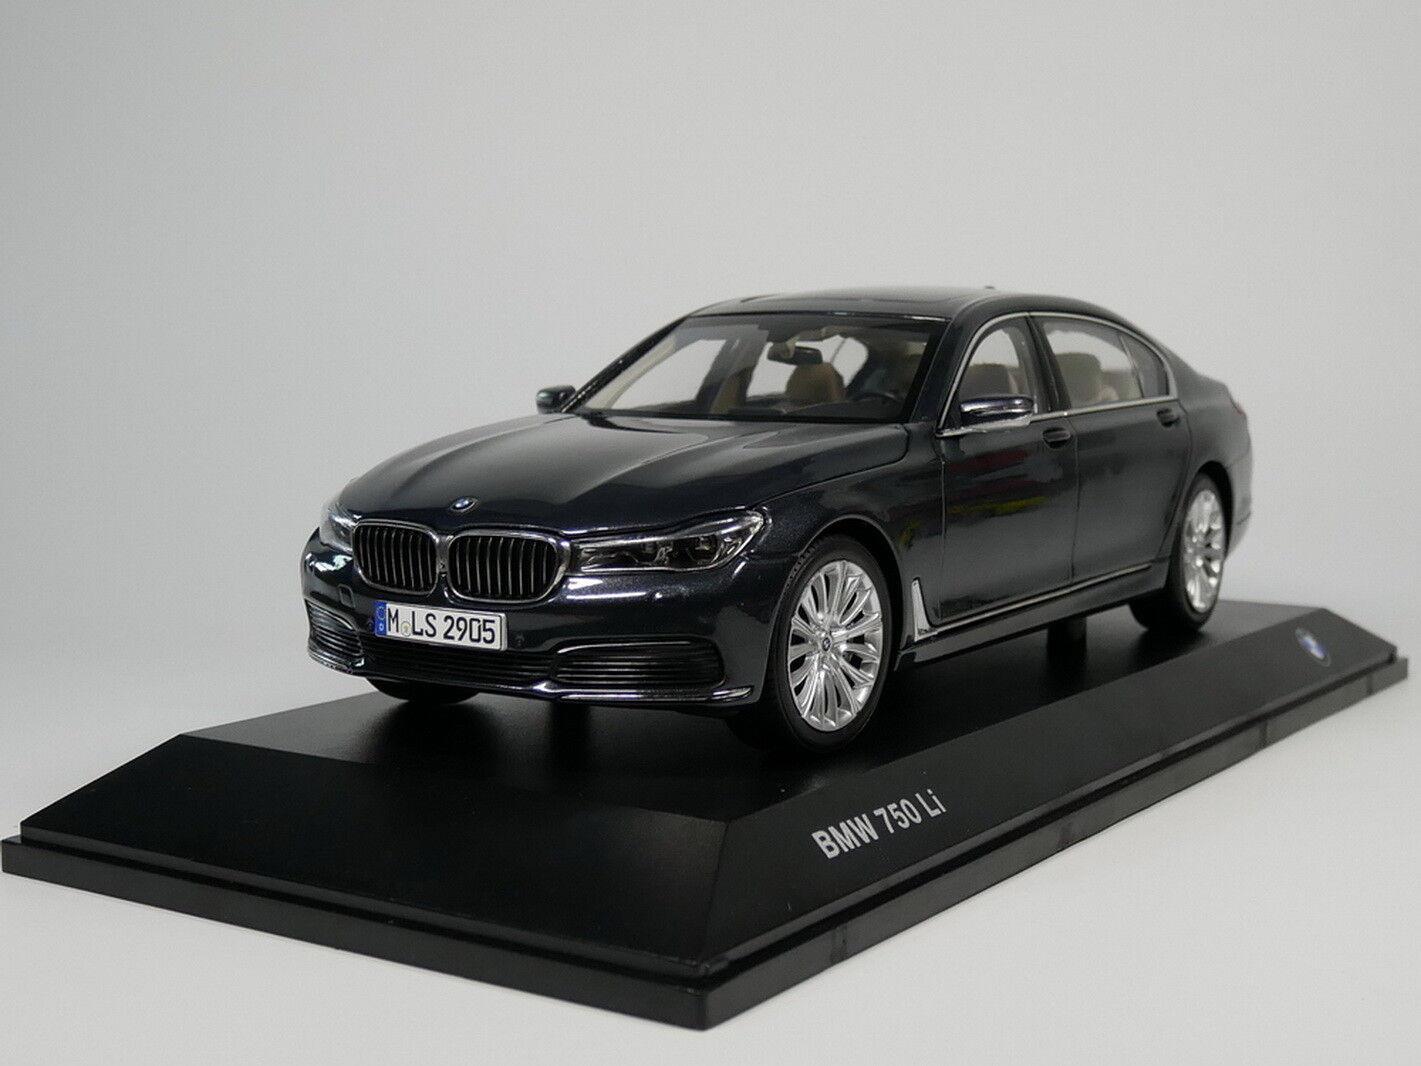 1 18 Scale BMW 7 Series 750 Li 2017 Grey Diecast Car Model